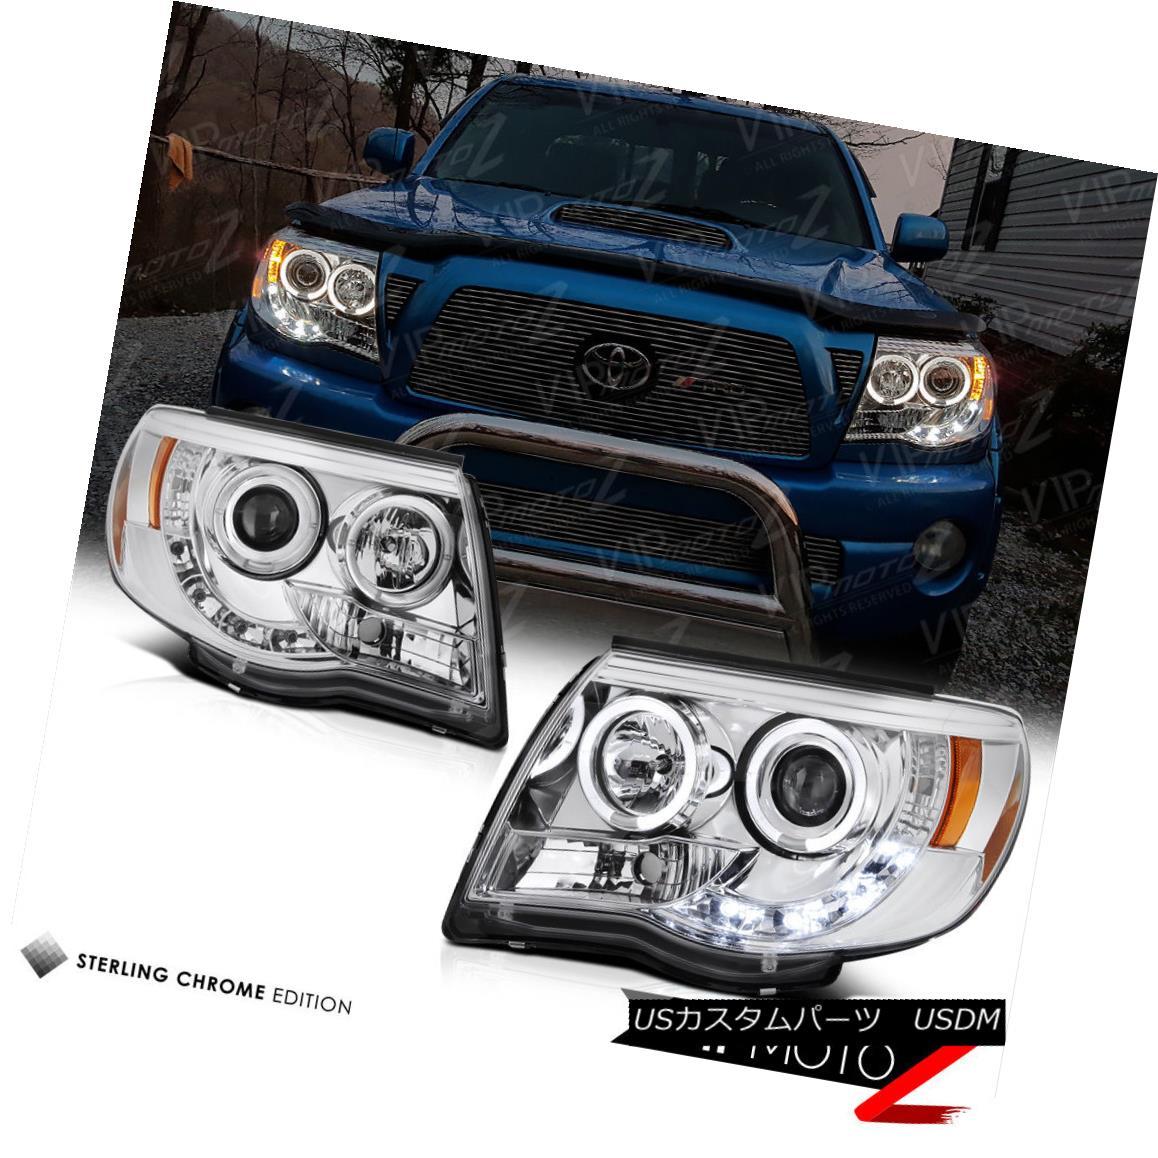 ヘッドライト Euro Angel Eye Halo Chrome Projector Headlight 2005-2011 Toyota Tacoma Truck ユーロエンジェルアイハロークロームプロジェクターヘッドライト2005-2011 Toyota Tacoma Truck